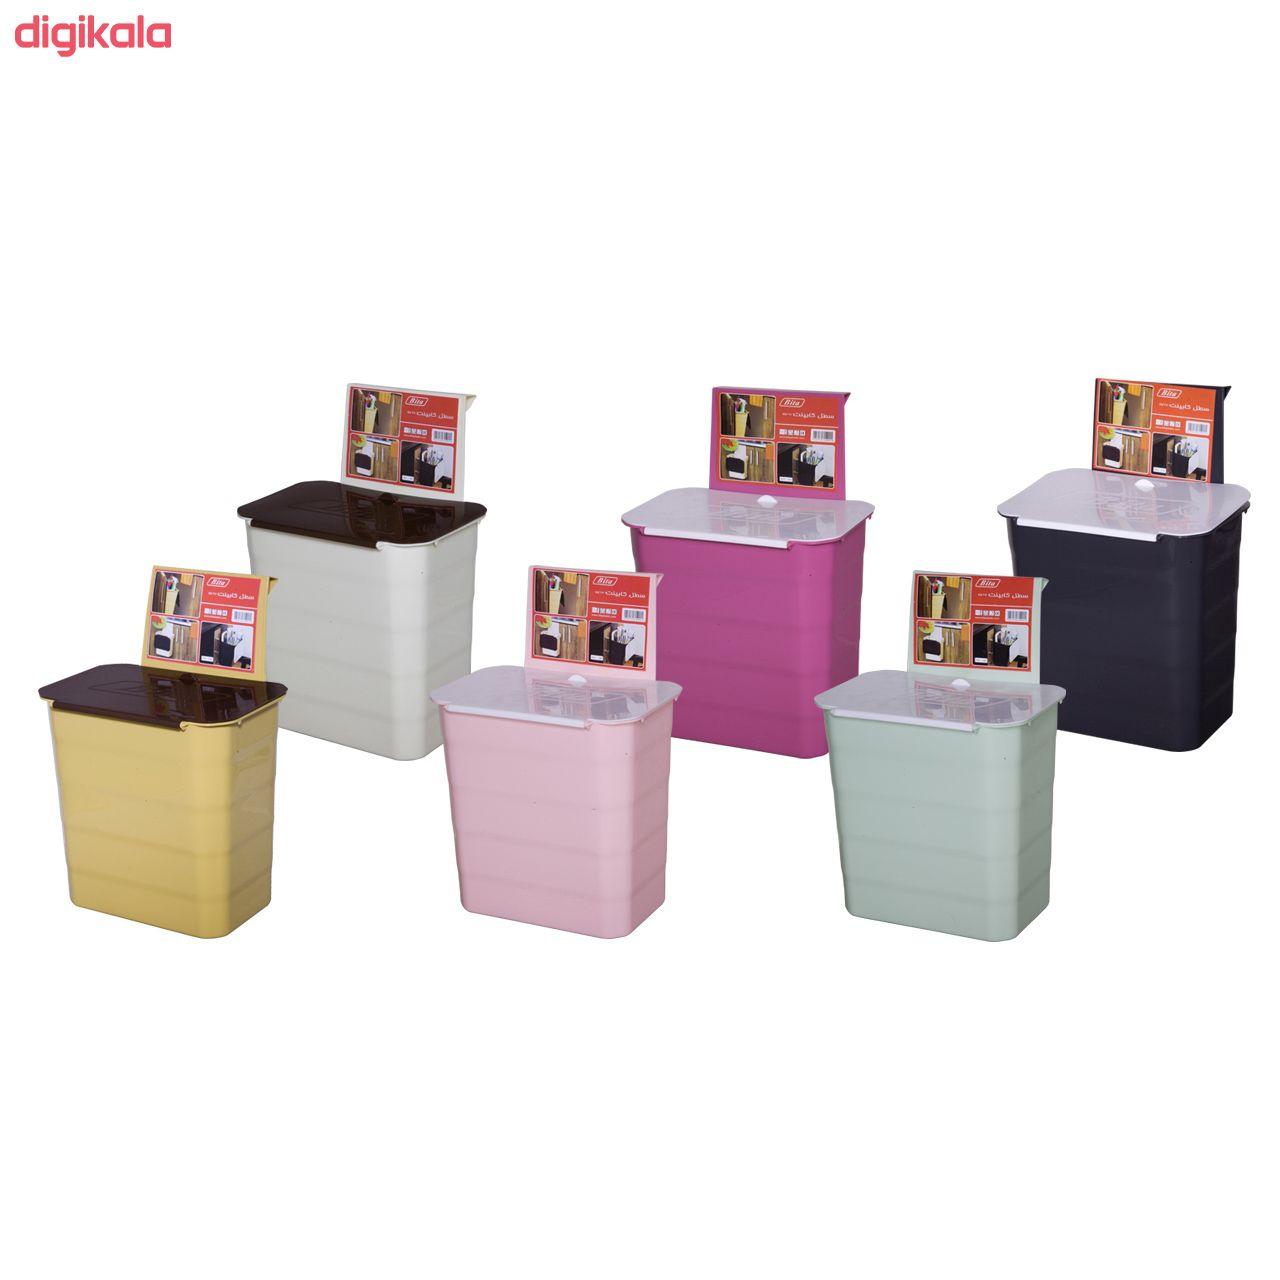 سطل زباله کابینتی بیتا کد 140 main 1 5